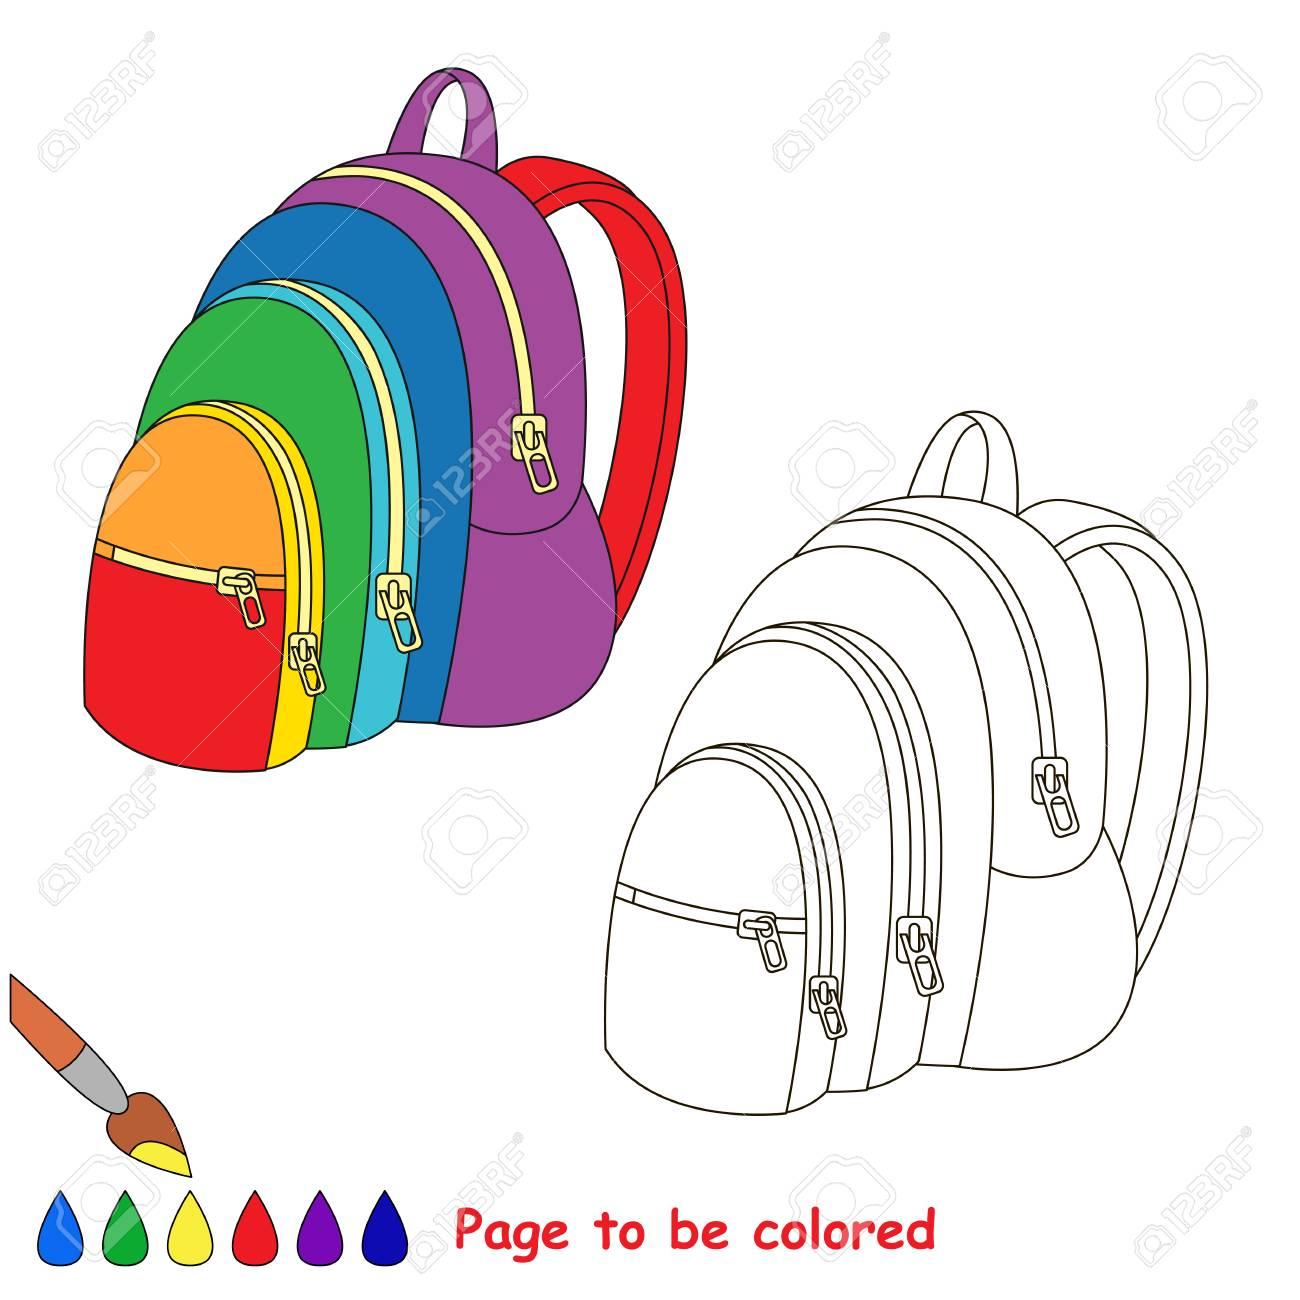 Mochila Arco Iris Para Colorear, El Libro Para Colorear Para Educar ...